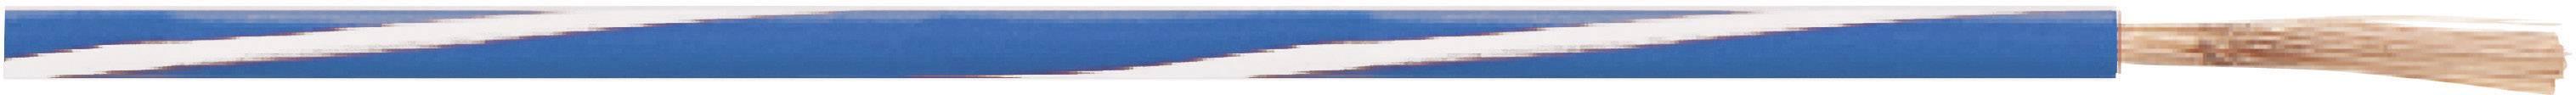 Opletenie / lanko LappKabel 4512381S X05V-K, 1 x 0.50 mm², vonkajší Ø 2.10 mm, metrový tovar, oranžová, čierna